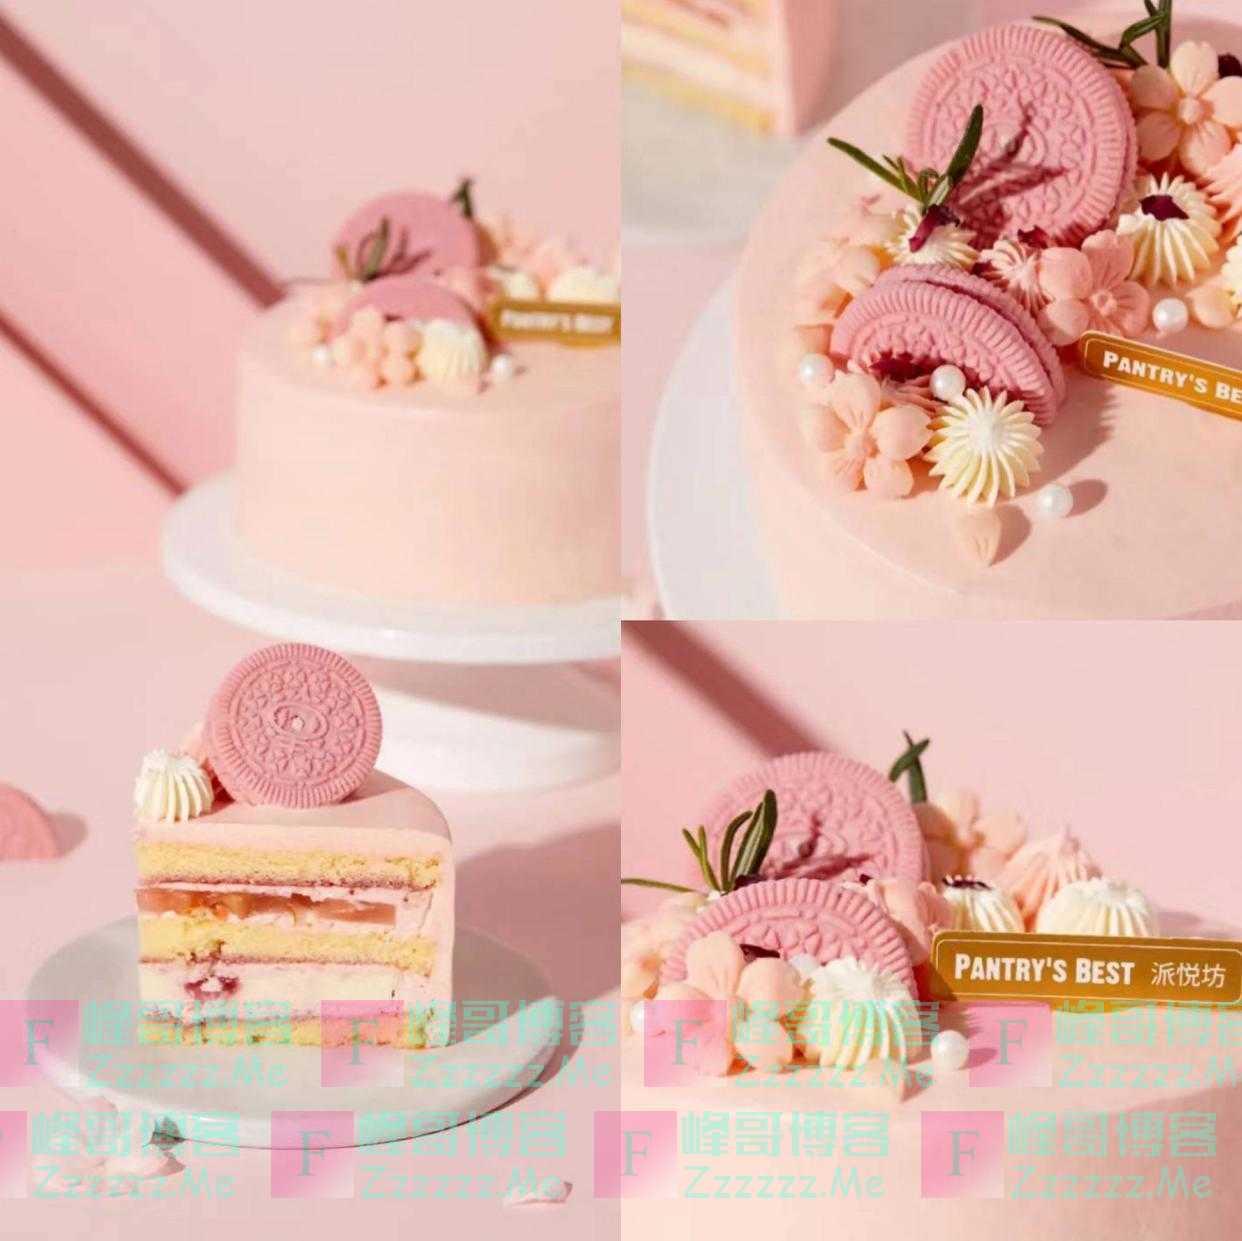 好吃丨用甜蜜的蛋糕,把妈妈宠成少女